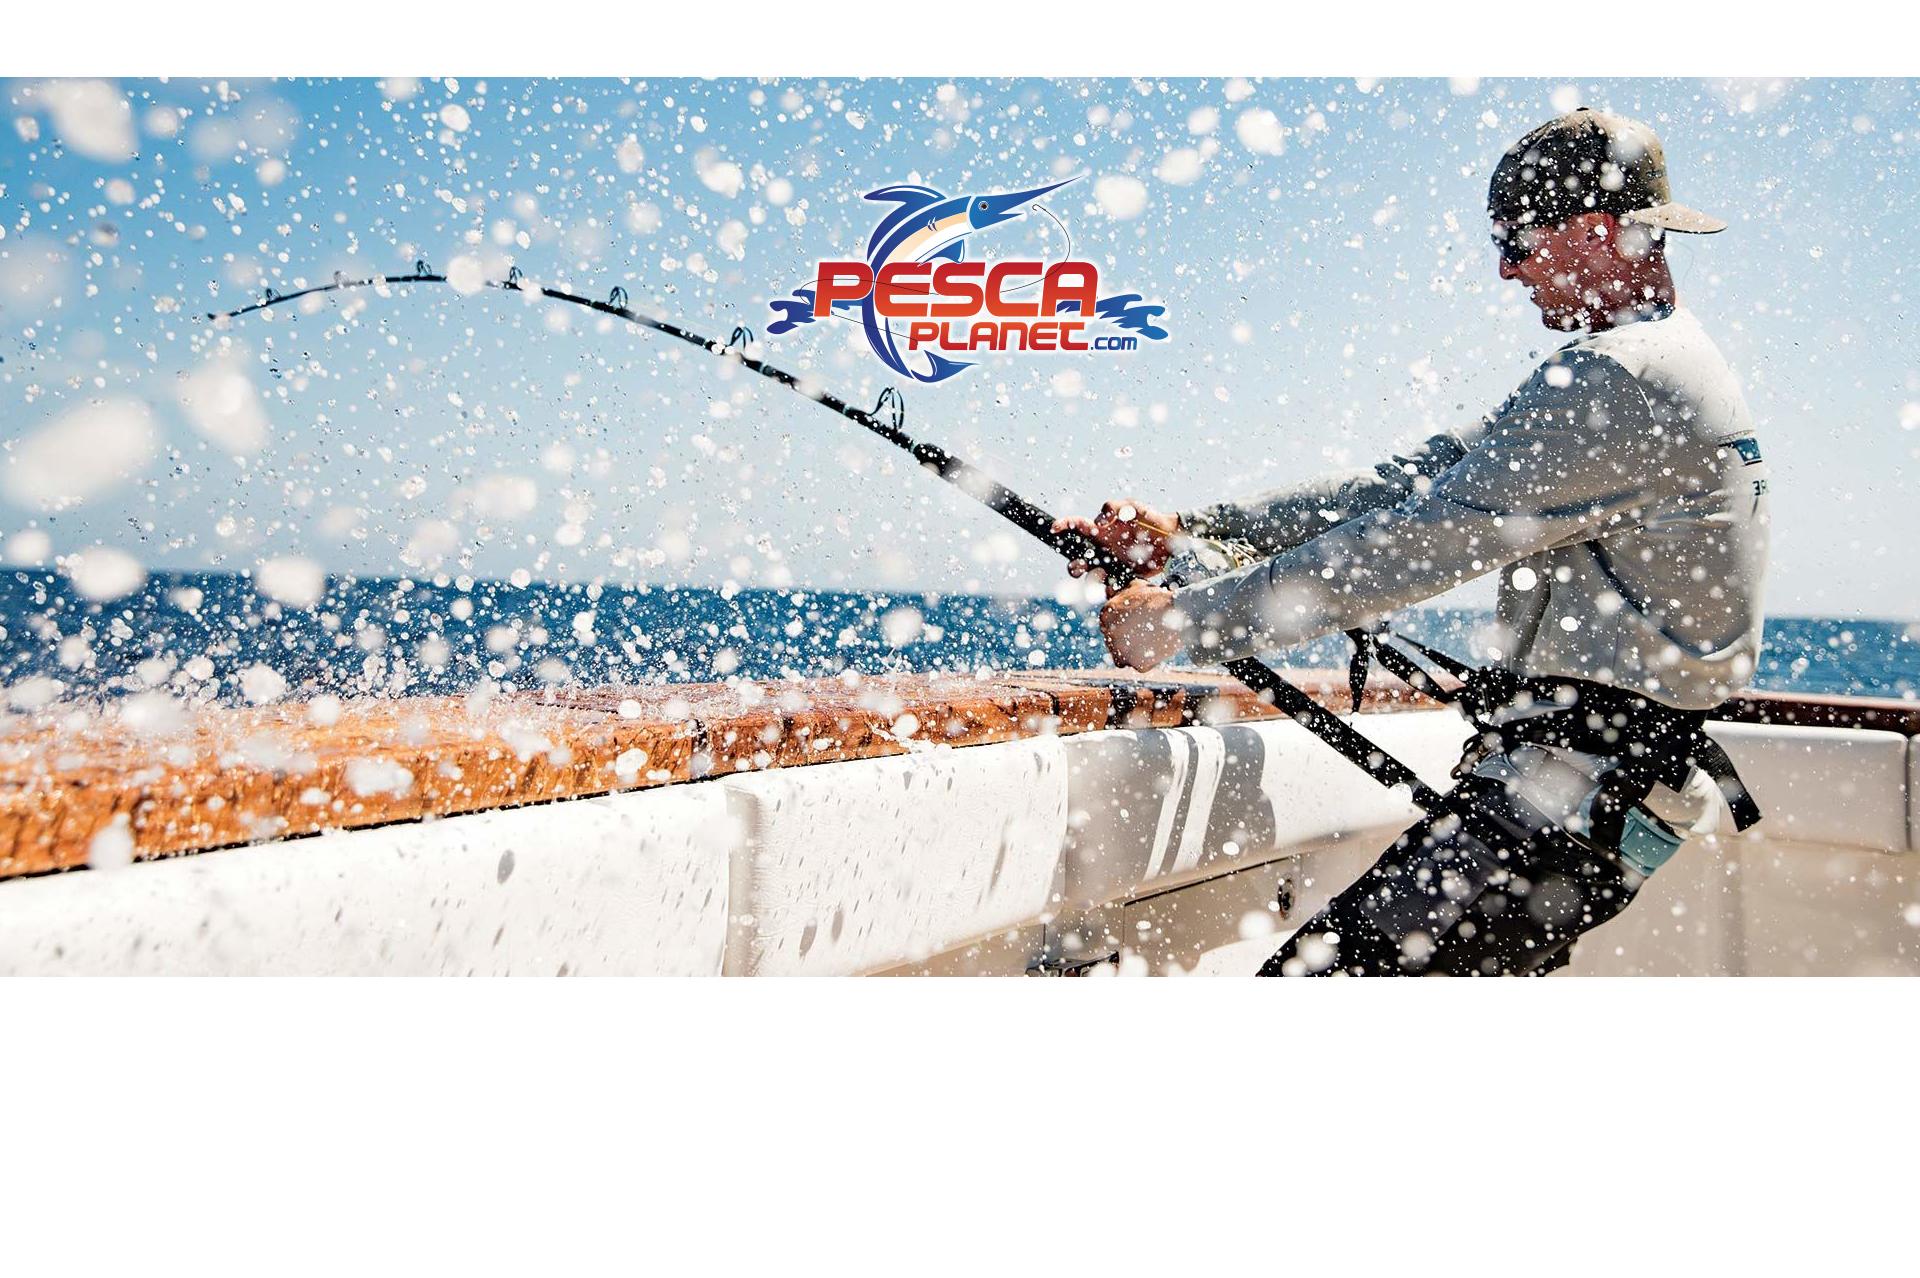 pescaplanet il negozio di pesca online